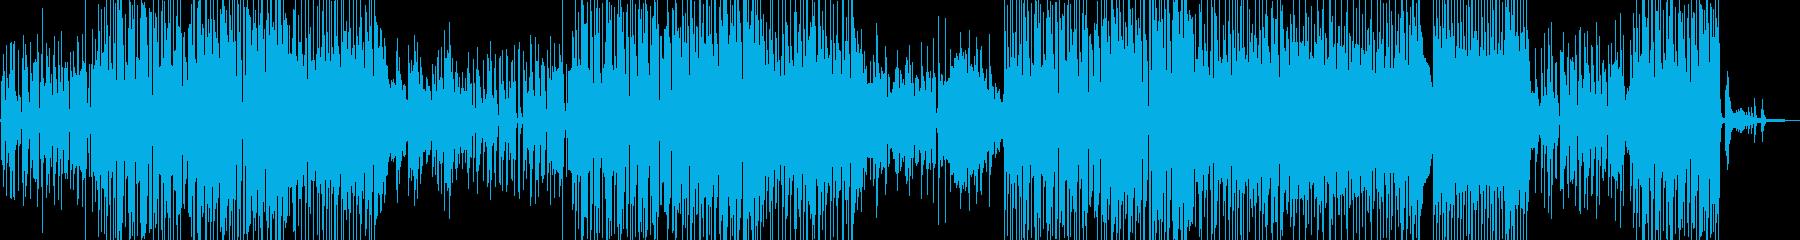 シャイで乙女チック・軽快なジャズ 長尺の再生済みの波形